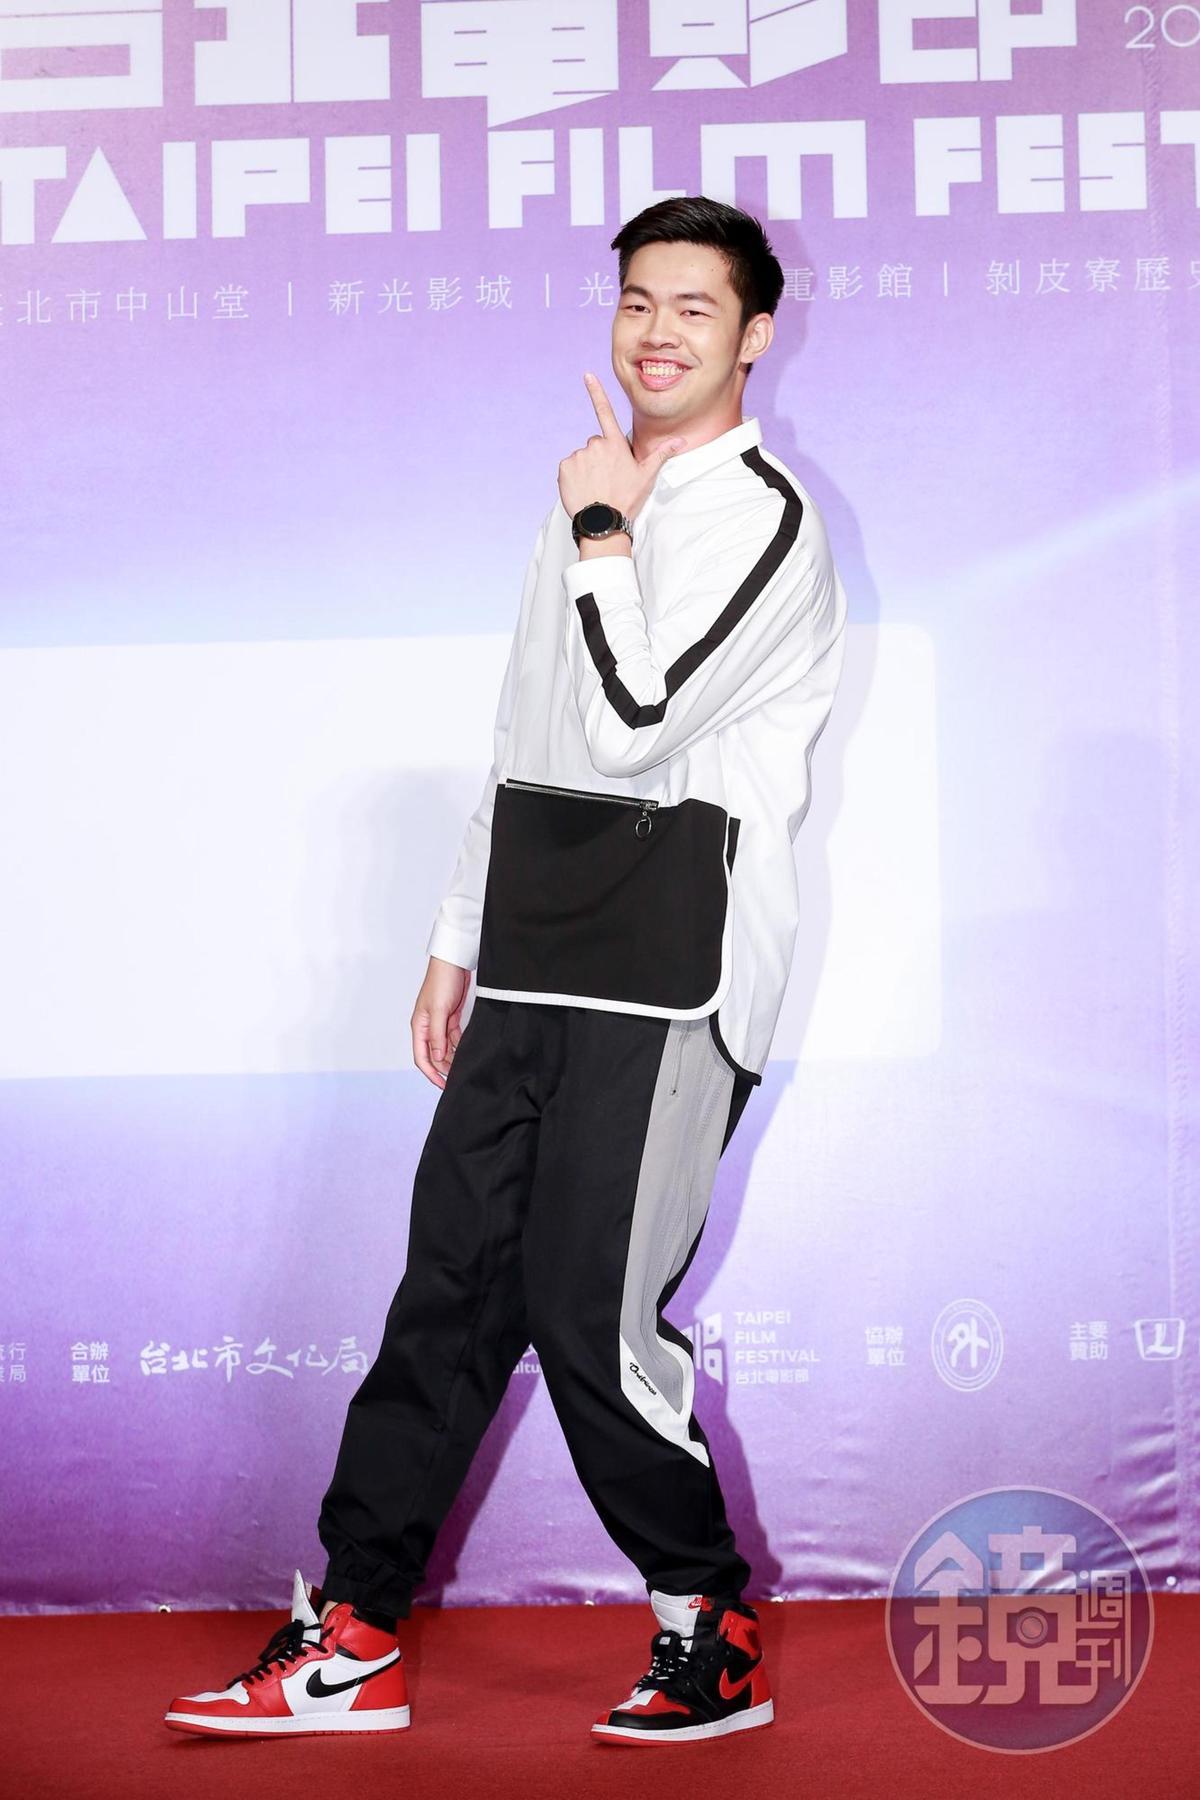 陳大天在《范保德》是龍劭華的兒子,但他卻跟古斌有最多的對手戲。